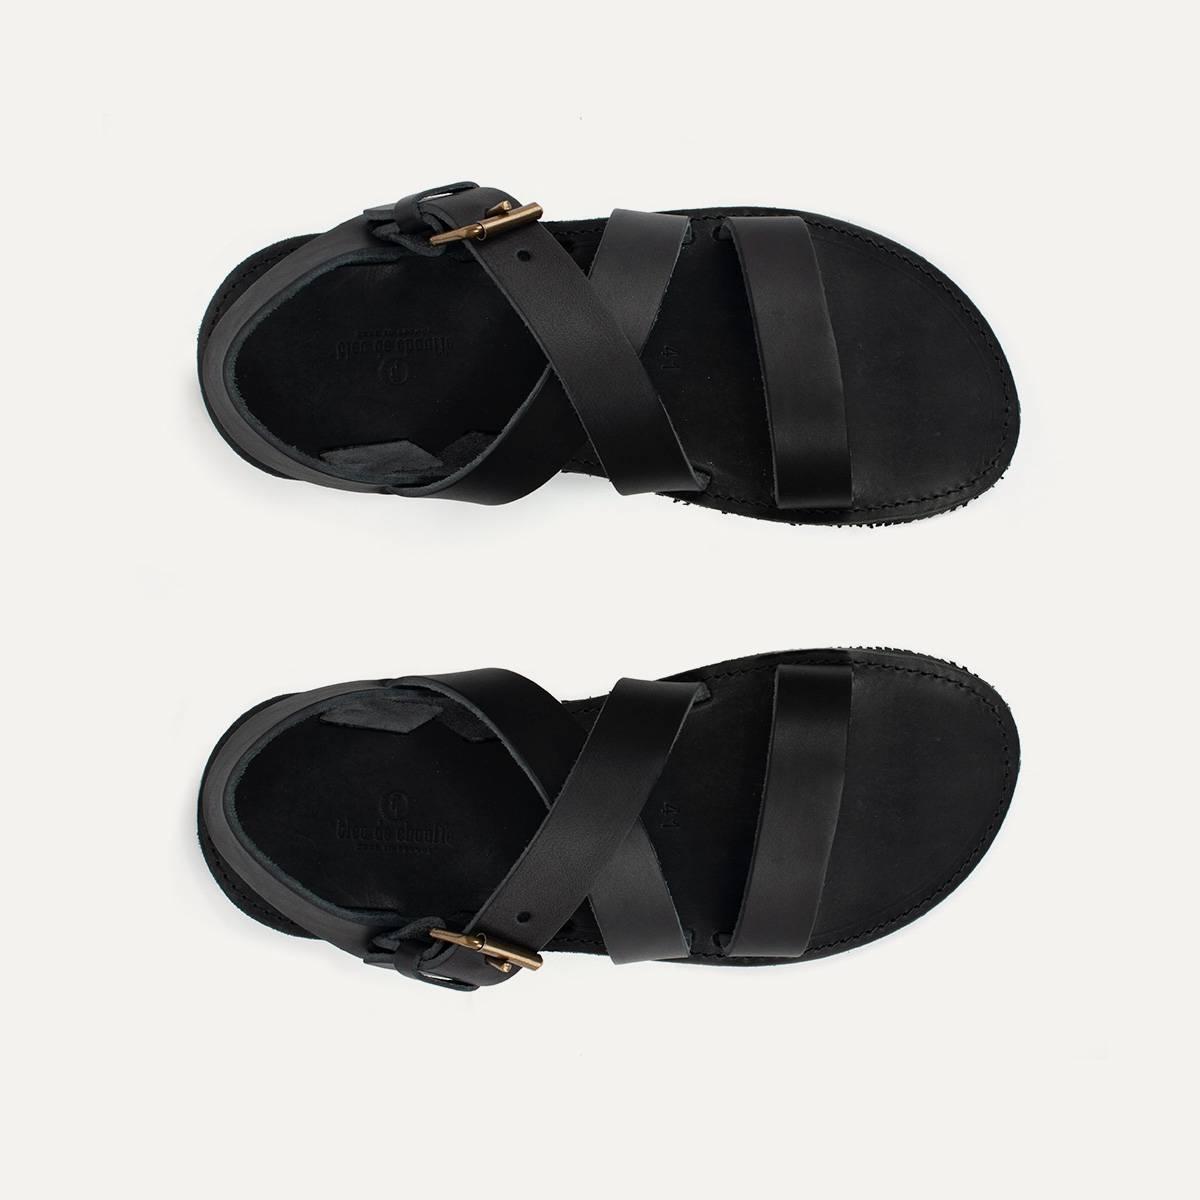 Sandales cuir Iwate - Noir (image n°2)